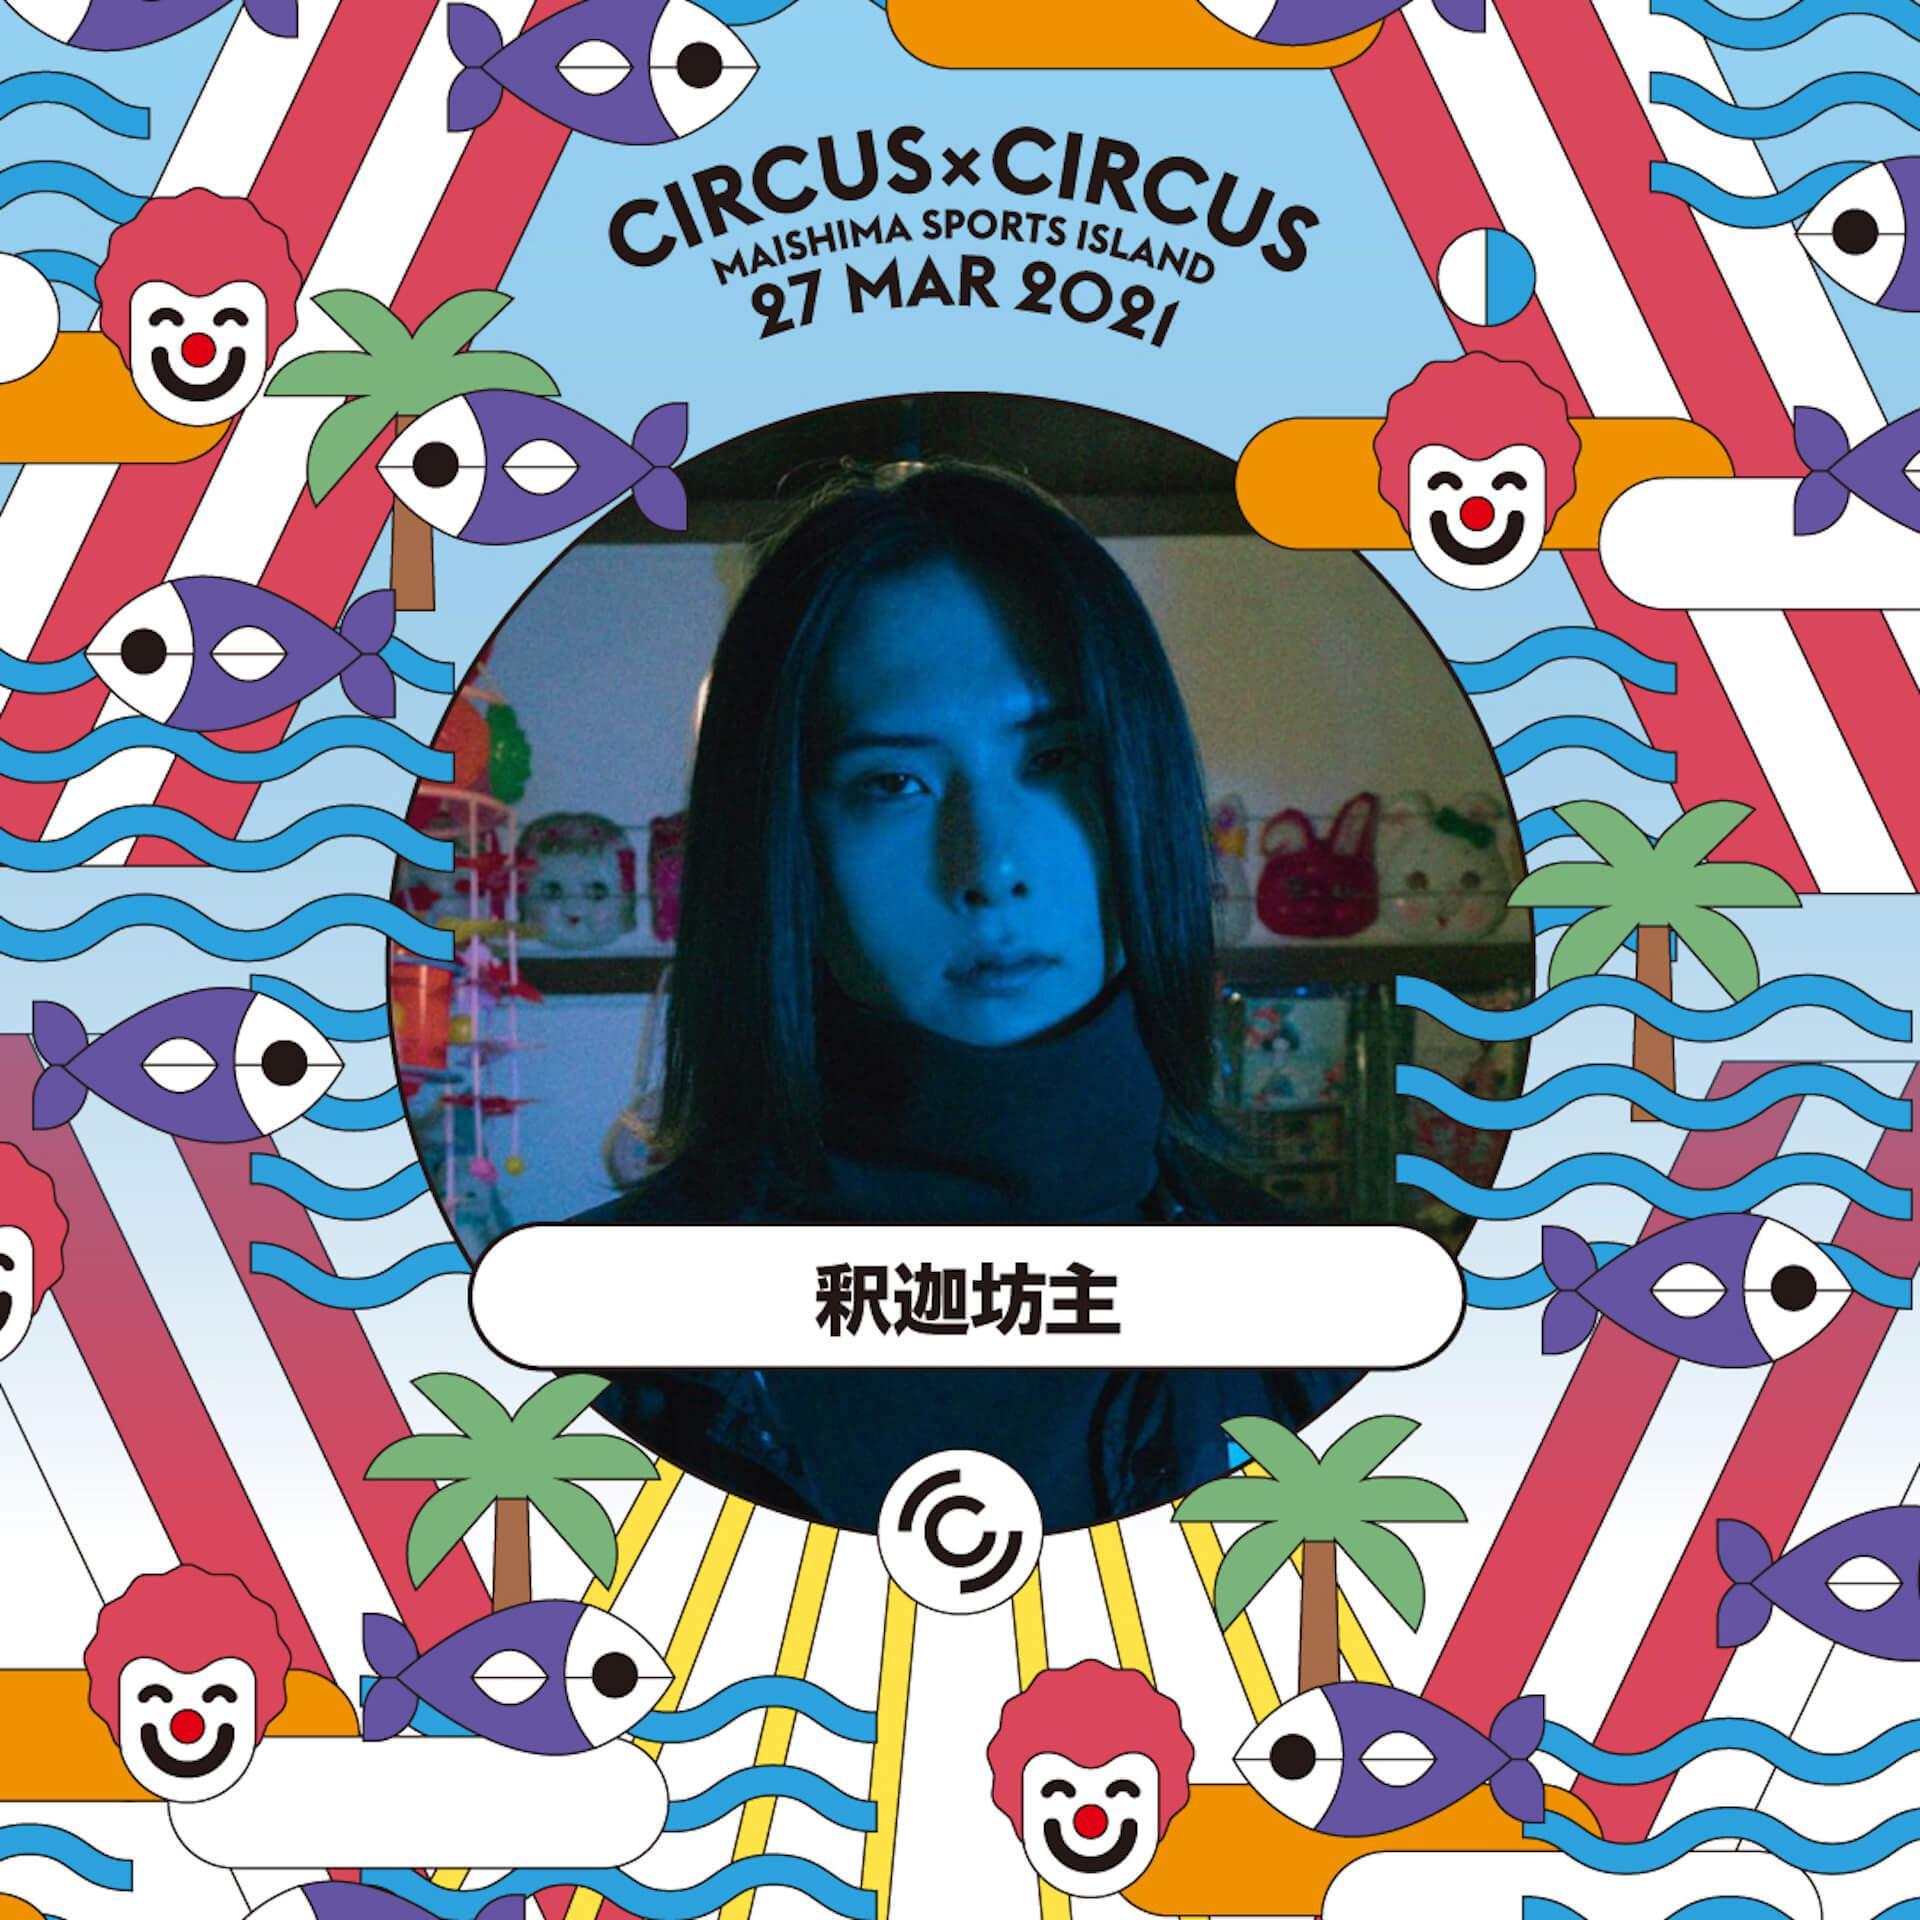 来週末開催の<CIRCUS × CIRCUS>オープニングアクトにKM!シークレットゲストも追加|YAGI&FULLHOUSEによるアフターパーティーにJNKMN、Qiezi Maboら参加 music210319_circuscircus_5